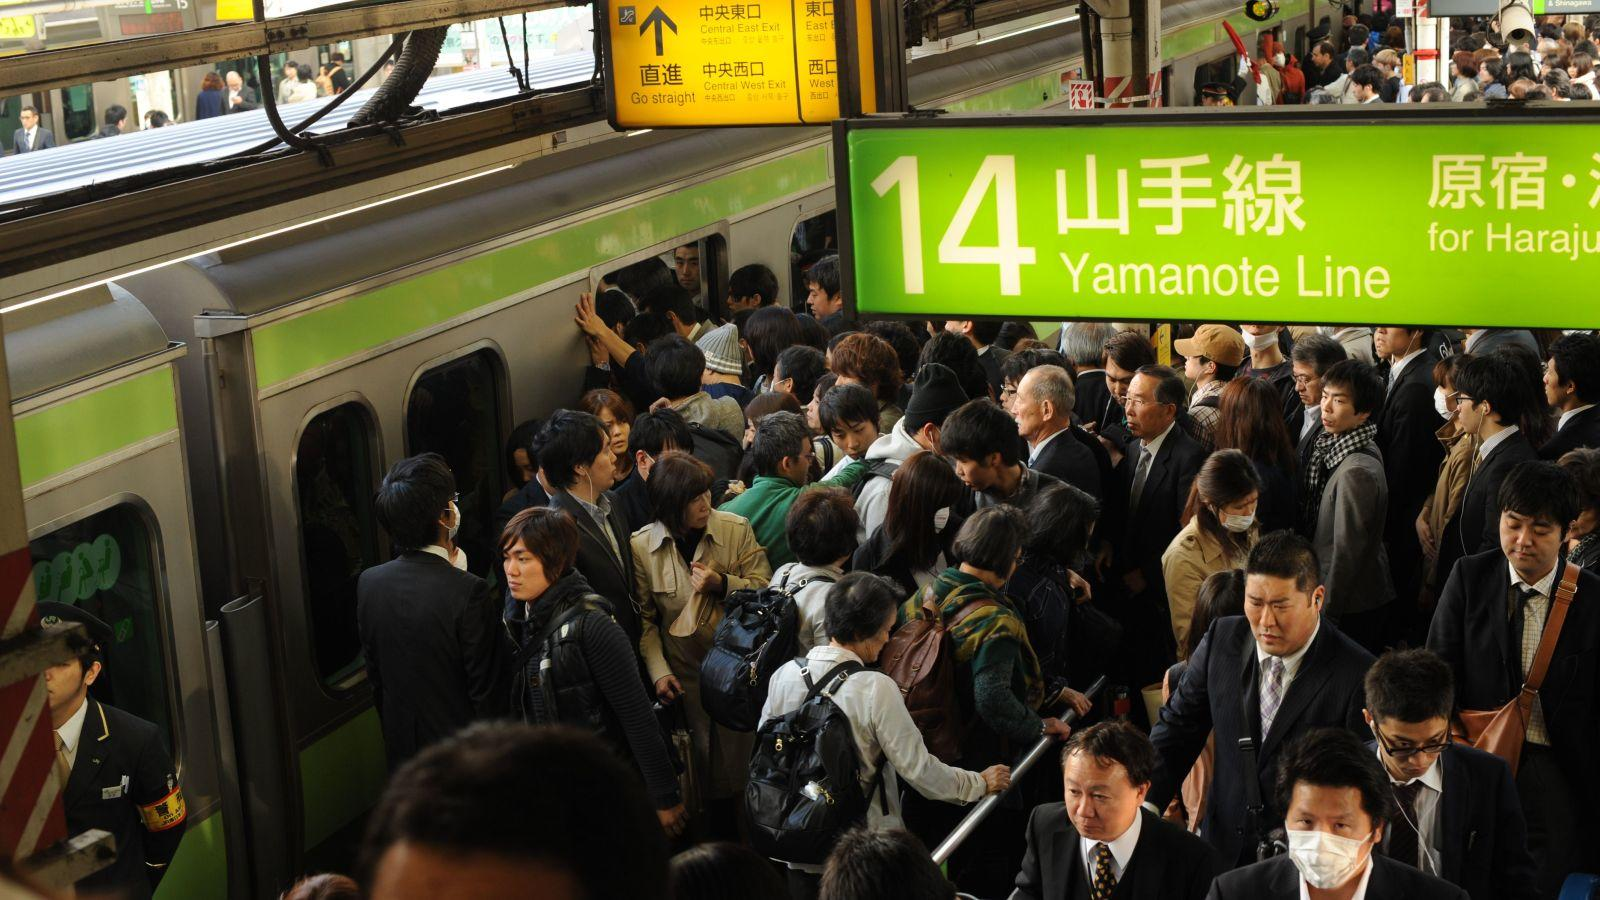 """Mielőtt valaki azon morfondírozna, hogy mennyire zsúfoltak a budapesti metrók, előbb vessen egy pillantást a kínai, hongkongi vagy épp a japán helyzetre. Utóbbi helyen például """"osijáz"""" néven olyan személyeket alkalmaznak, akiknek az a feladatuk, hogy az állomásra érkező szerelvénybe tuszkolják fel az ajtón át az utasokat egészen addig, amíg be nem záródnak, és a metró tovább nem indul. (Sinopix/Shutterstock)"""